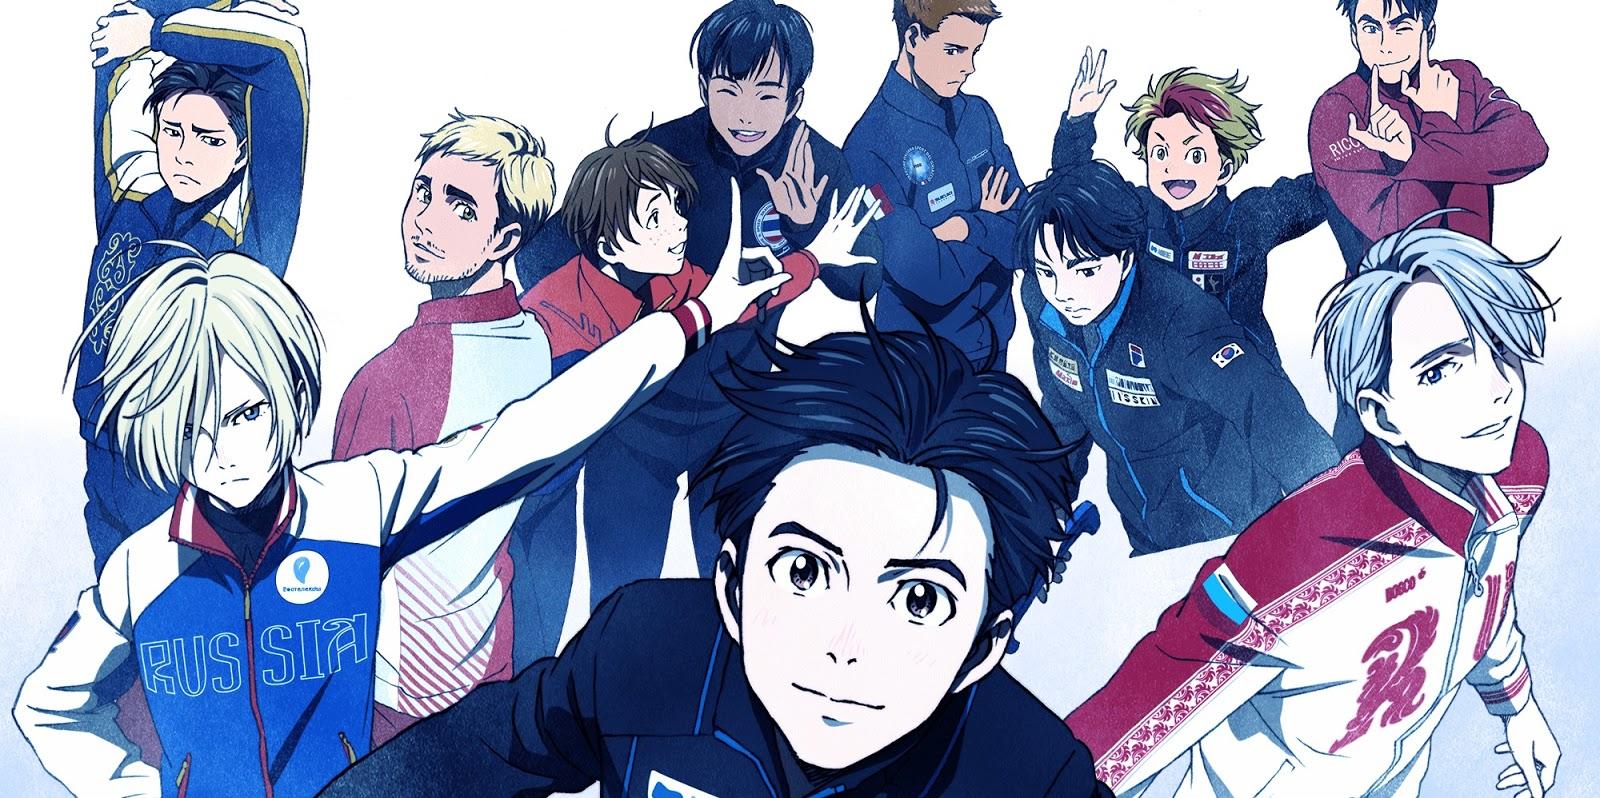 [ANIME] Yuri!!! On Ice: esporte para conquistar até os não fãs!